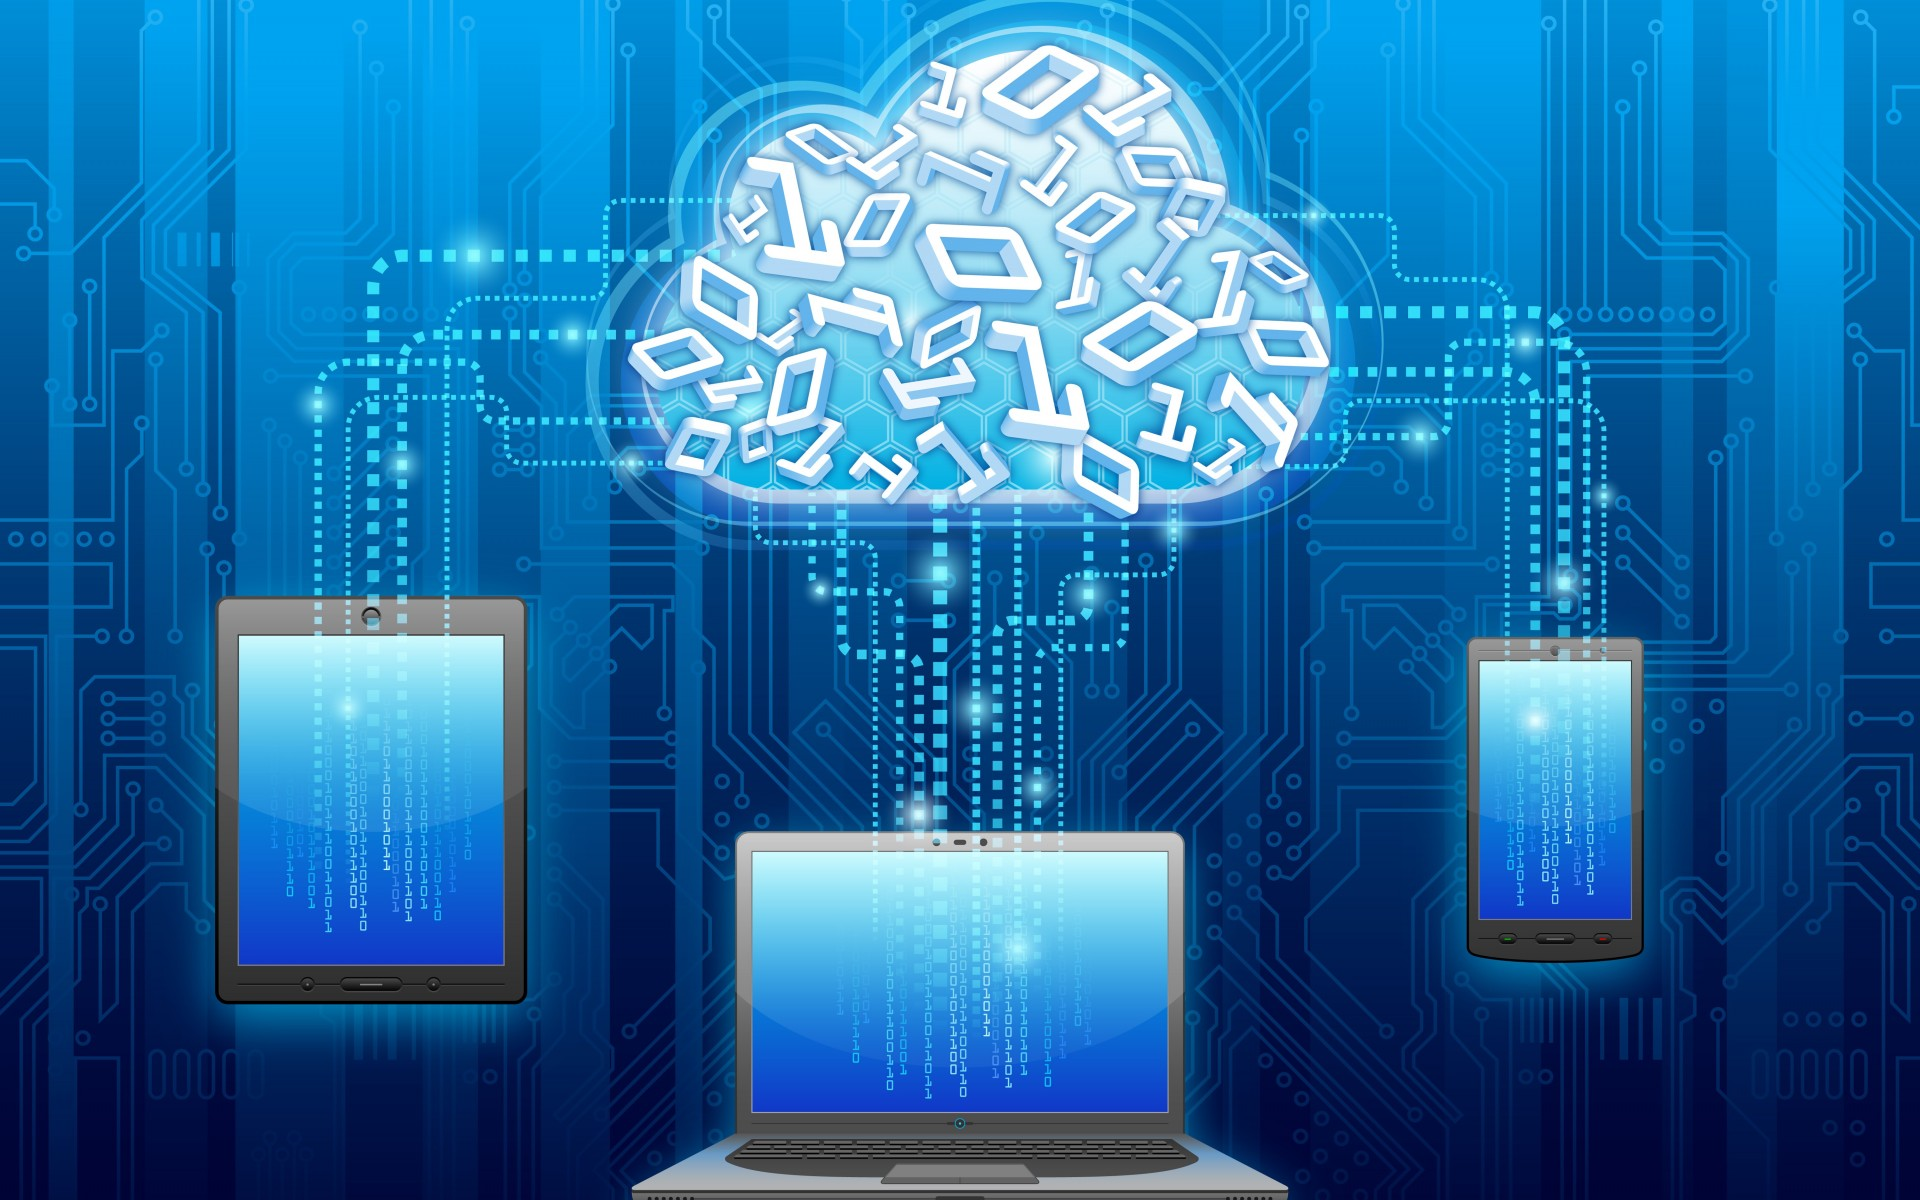 تحضير الوزارة درس الشبكات اللاسلكية مادة الحاسب الالي 2 نظام المقررات 1441